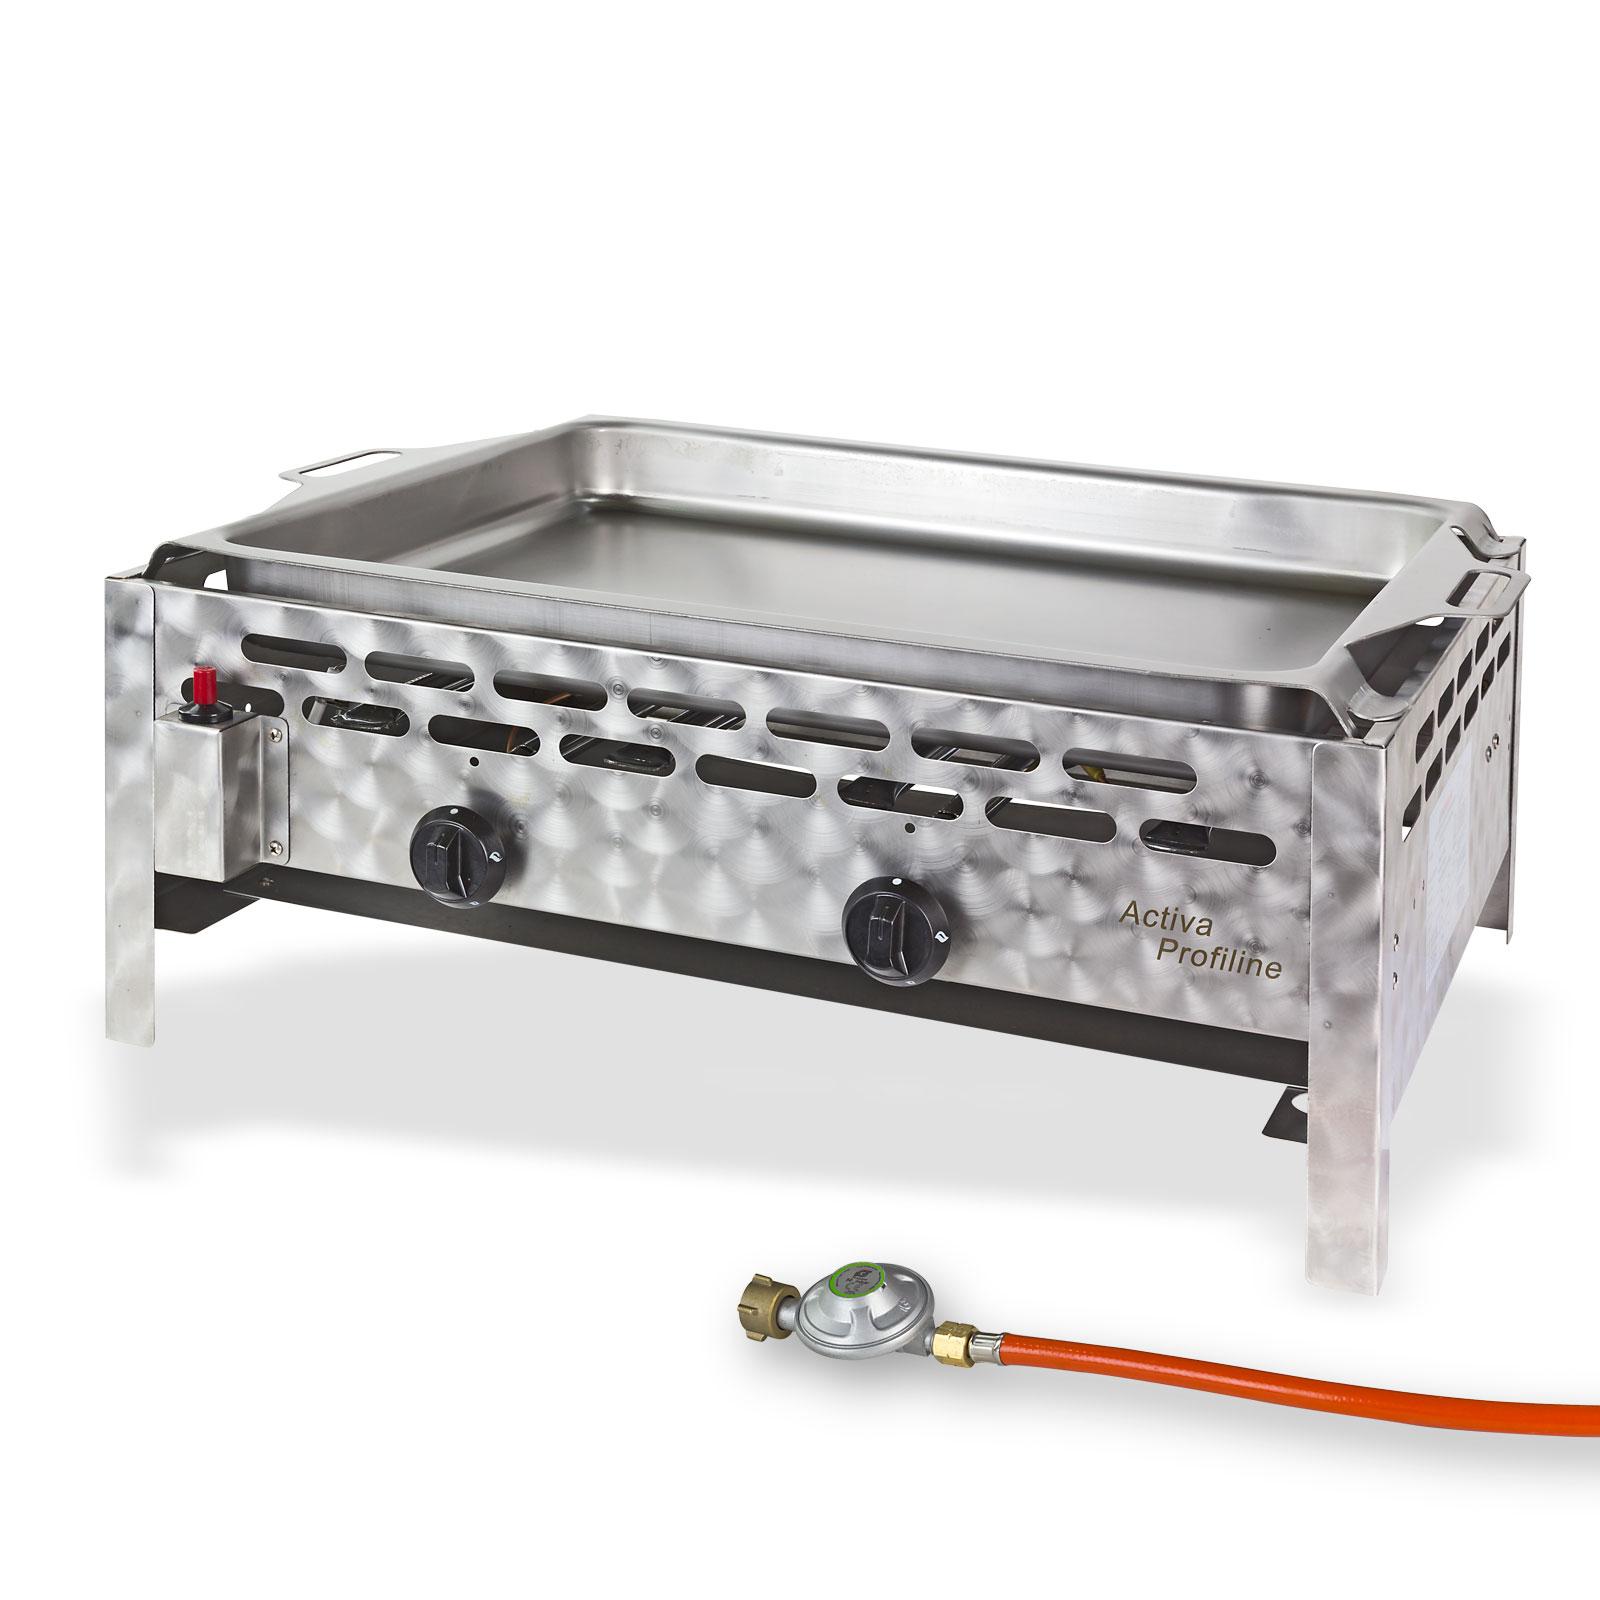 activia gasgrill gasbr ter gastrobr ter grill 2 flammig stahlpfanne 10 kw 17544 ebay. Black Bedroom Furniture Sets. Home Design Ideas